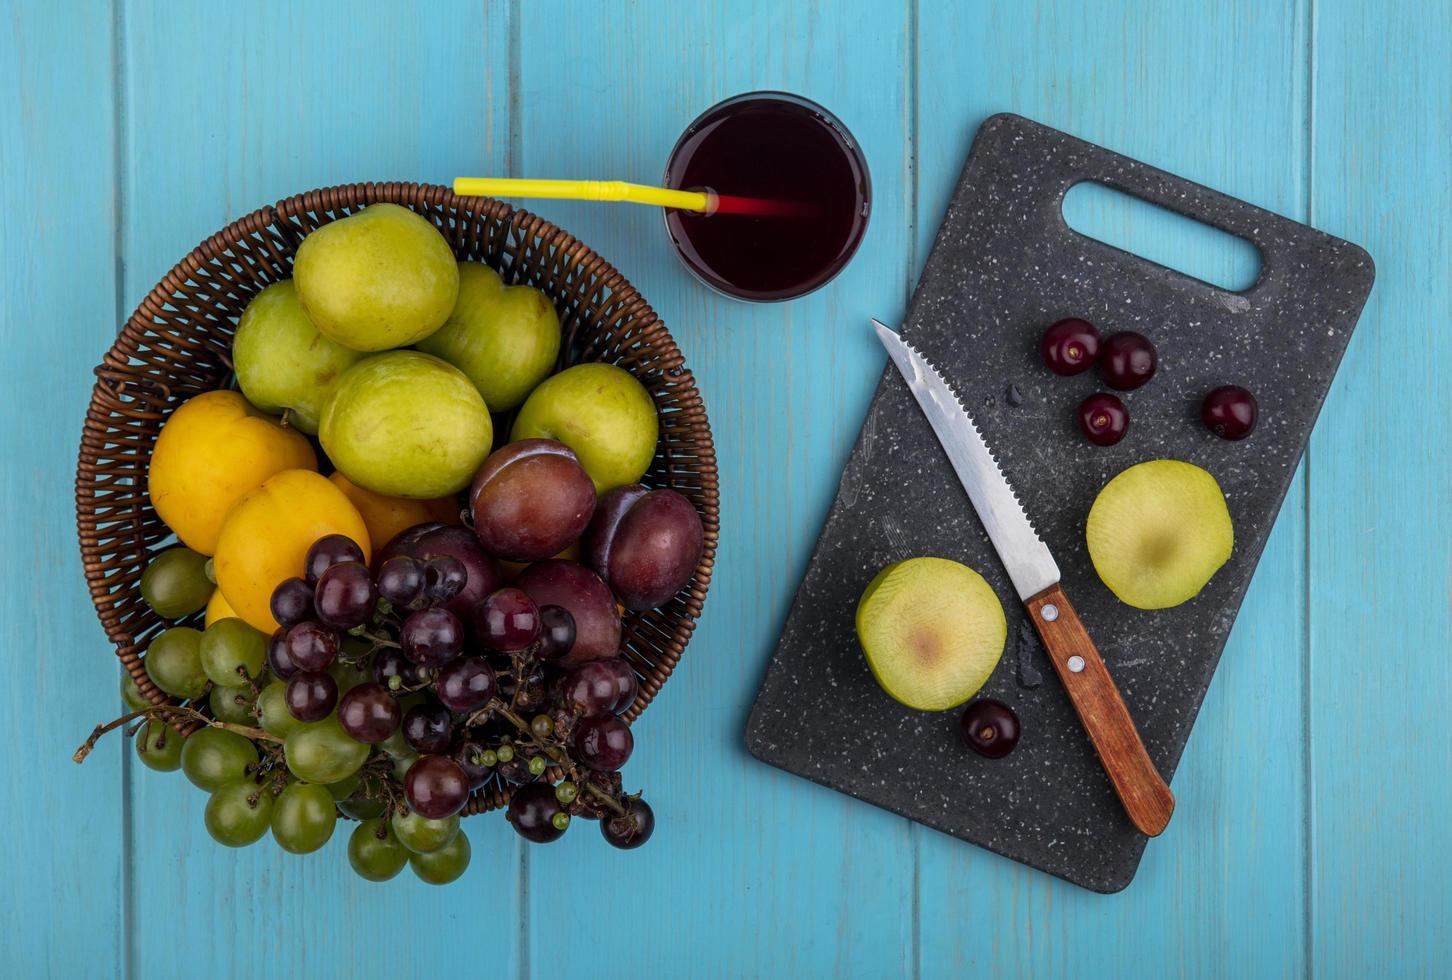 frutta a fette assortiti su sfondo blu foto